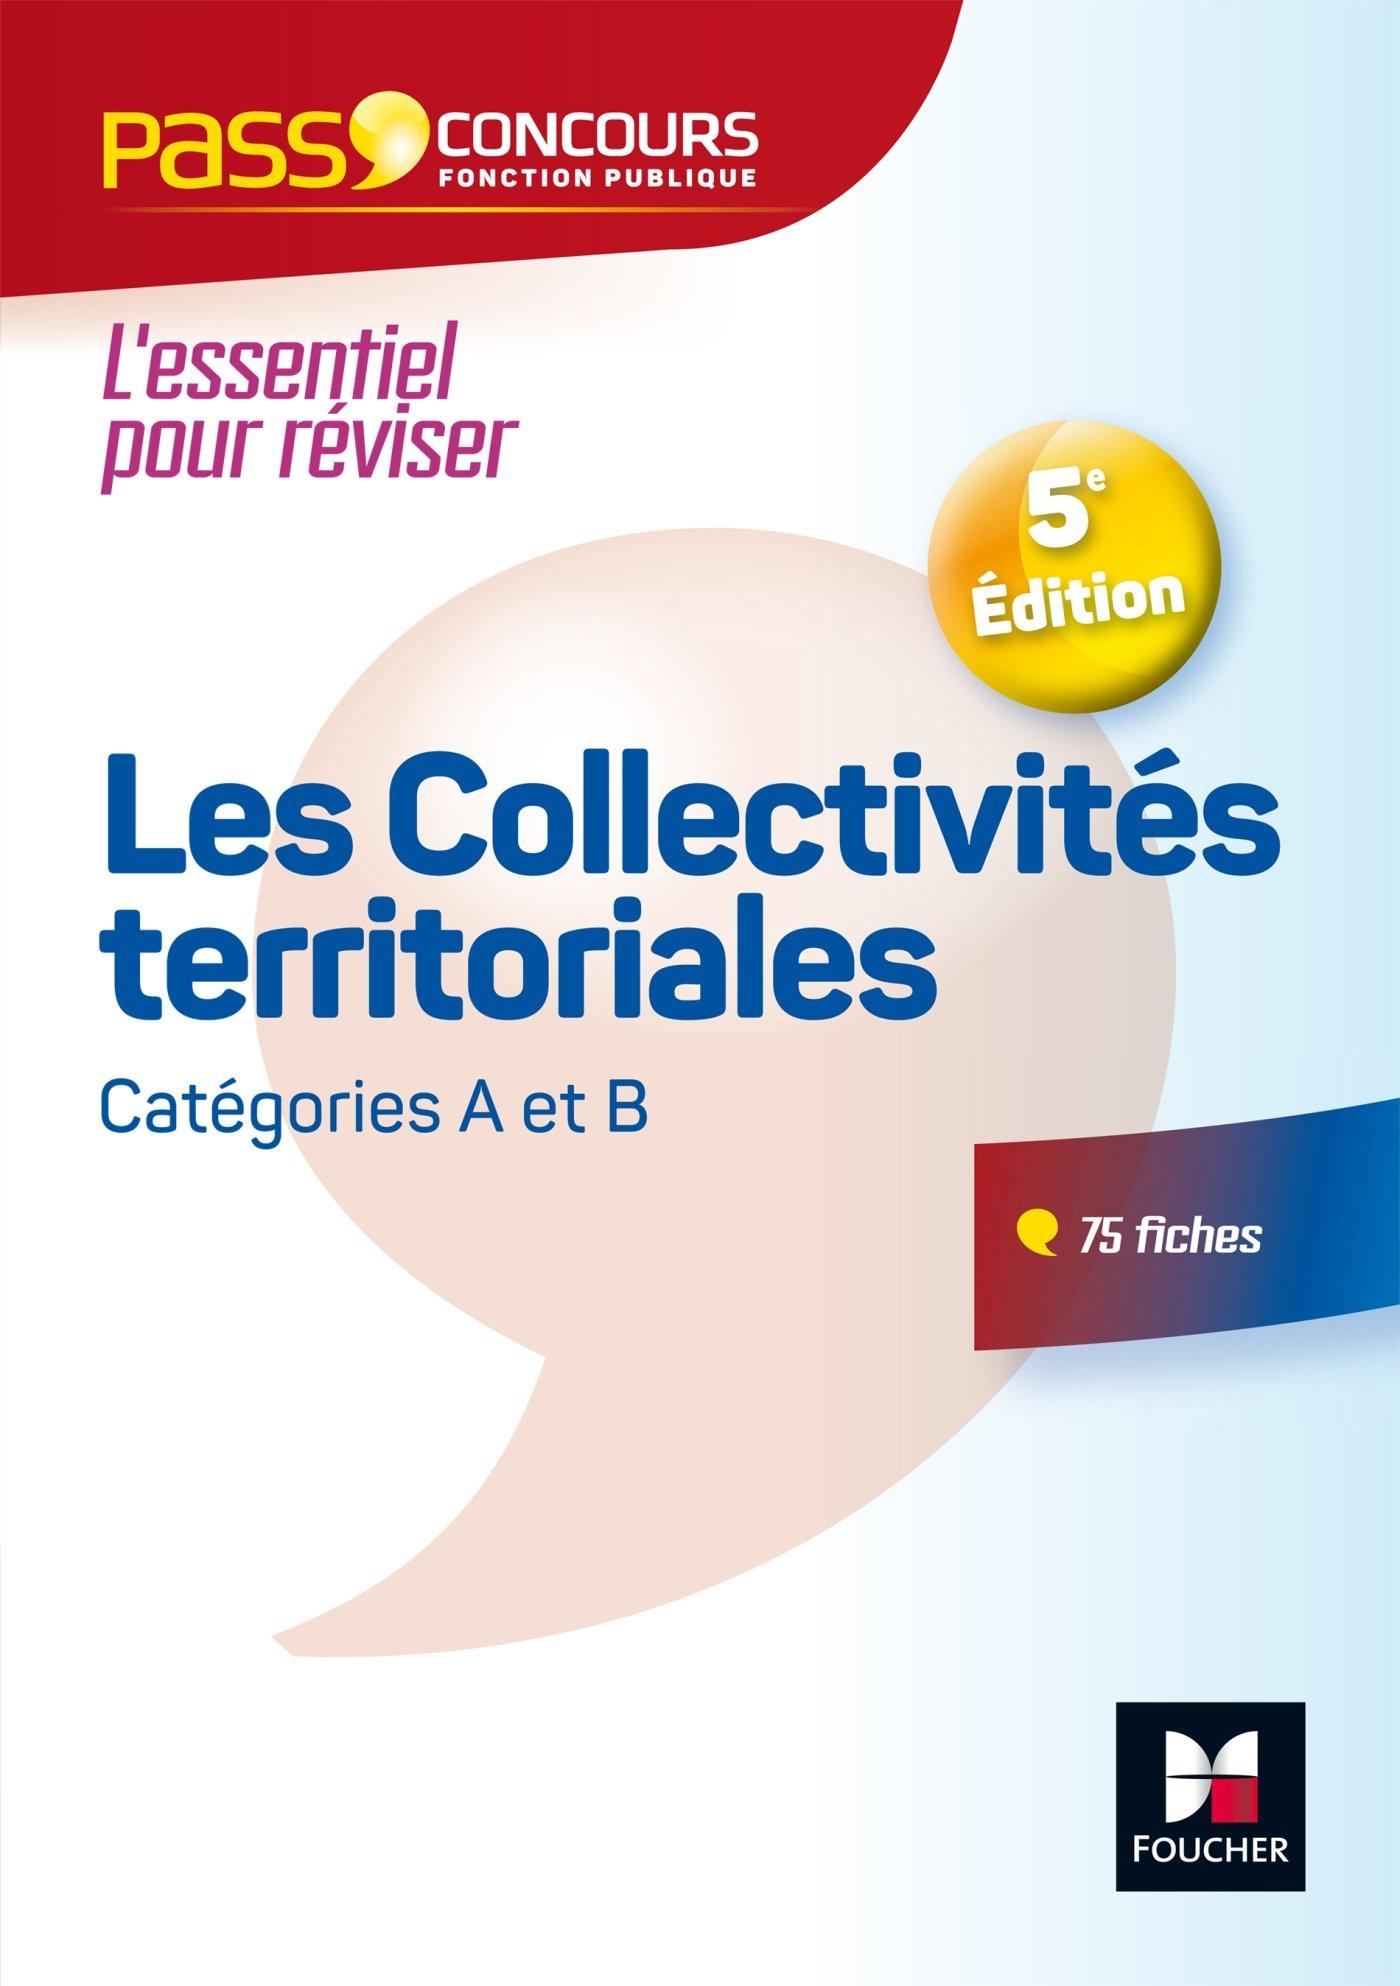 c43a72d0015 Amazon.fr - Pass Concours - Les Collectivités territoriales - Nº10 - 5e  édition - Bernard Poujade